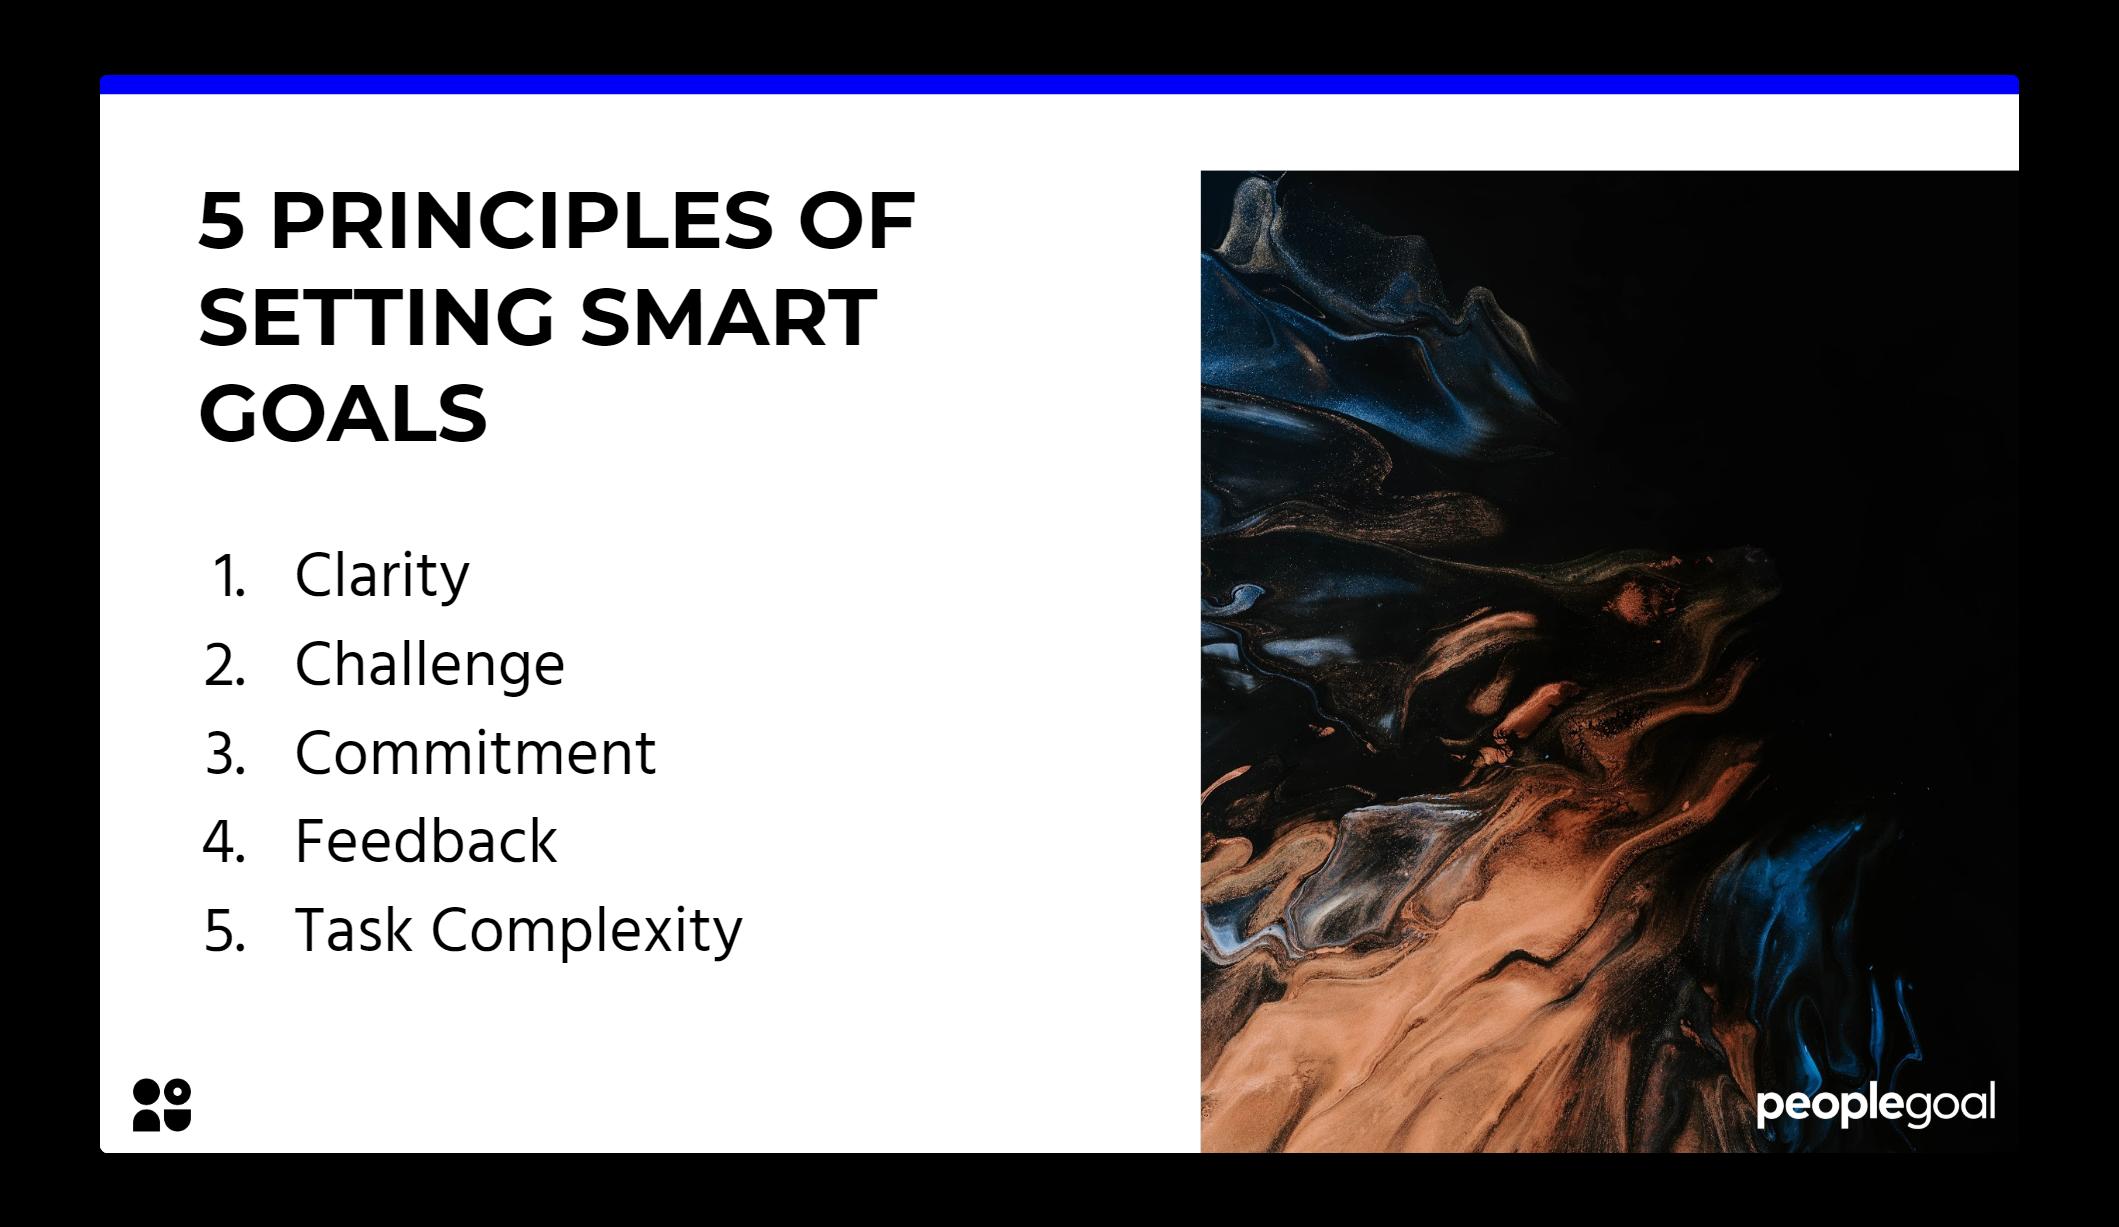 SMART goals principles